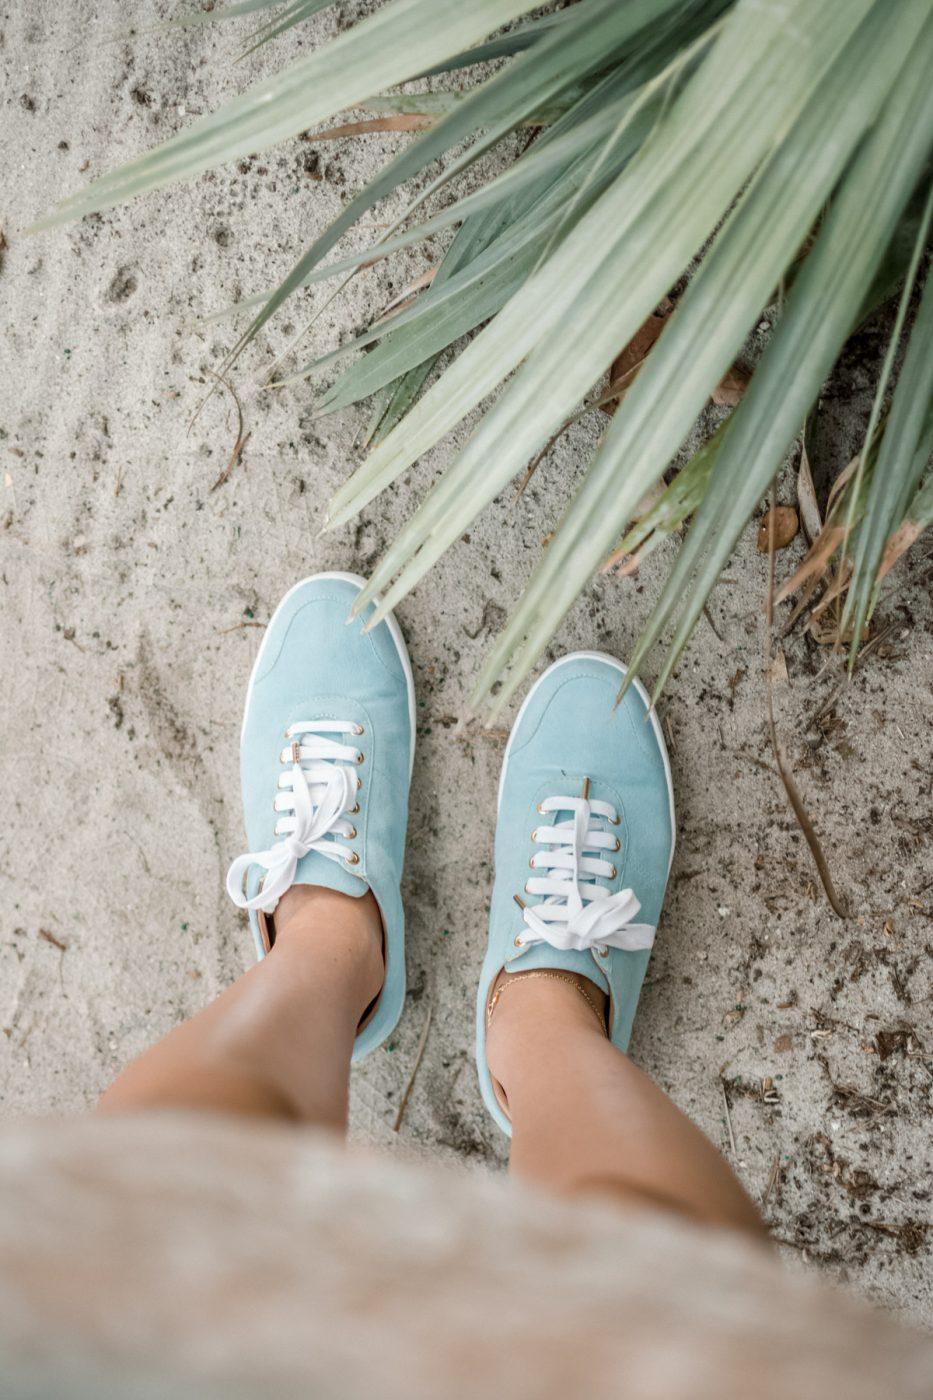 Shoes of Prey Sneakers - Sweet Teal